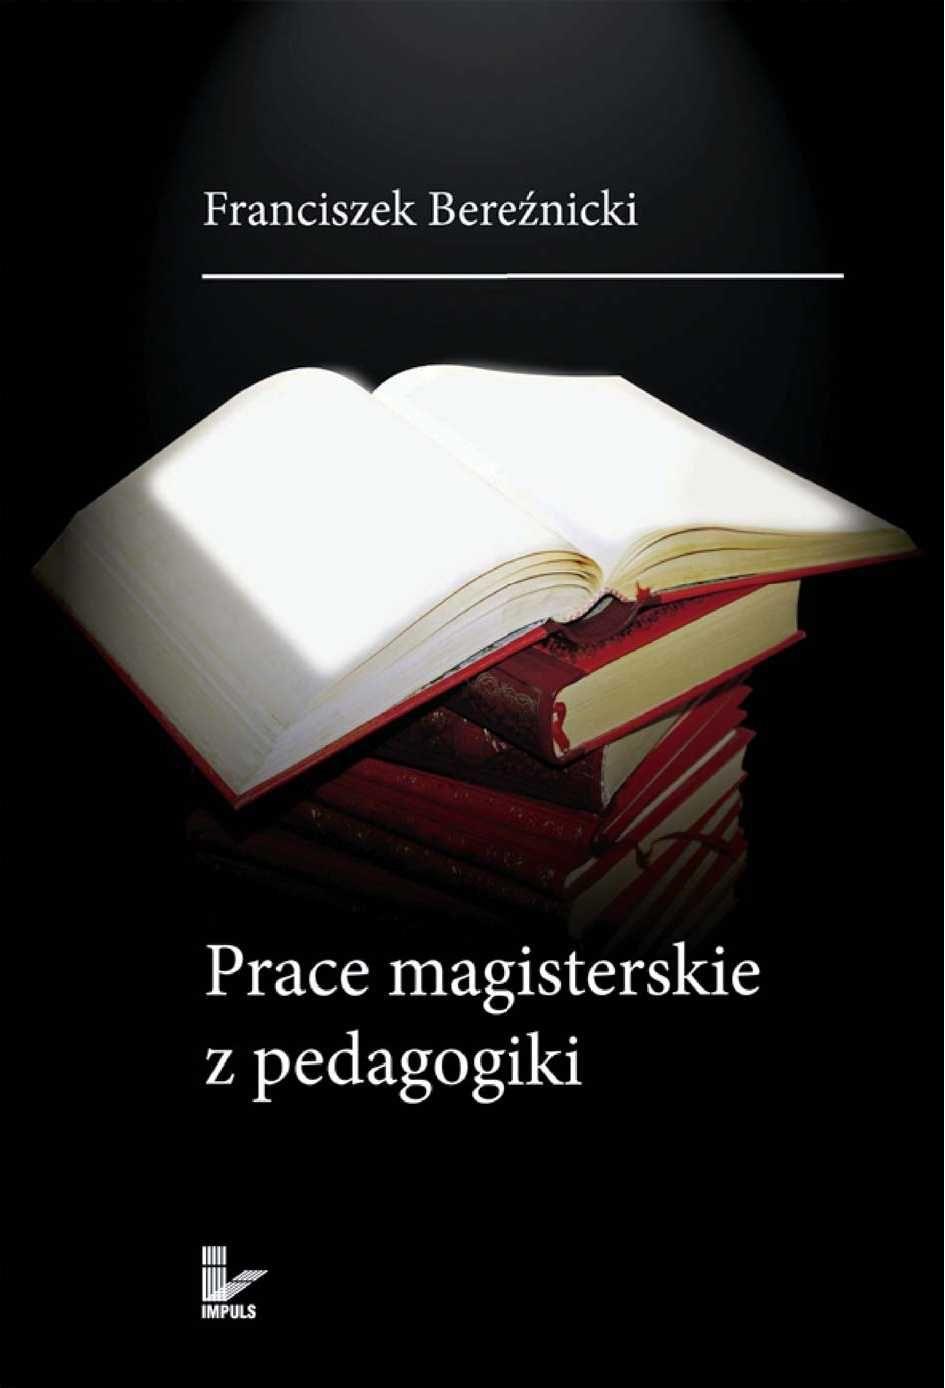 Prace magisterskie z pedagogiki - Ebook (Książka PDF) do pobrania w formacie PDF